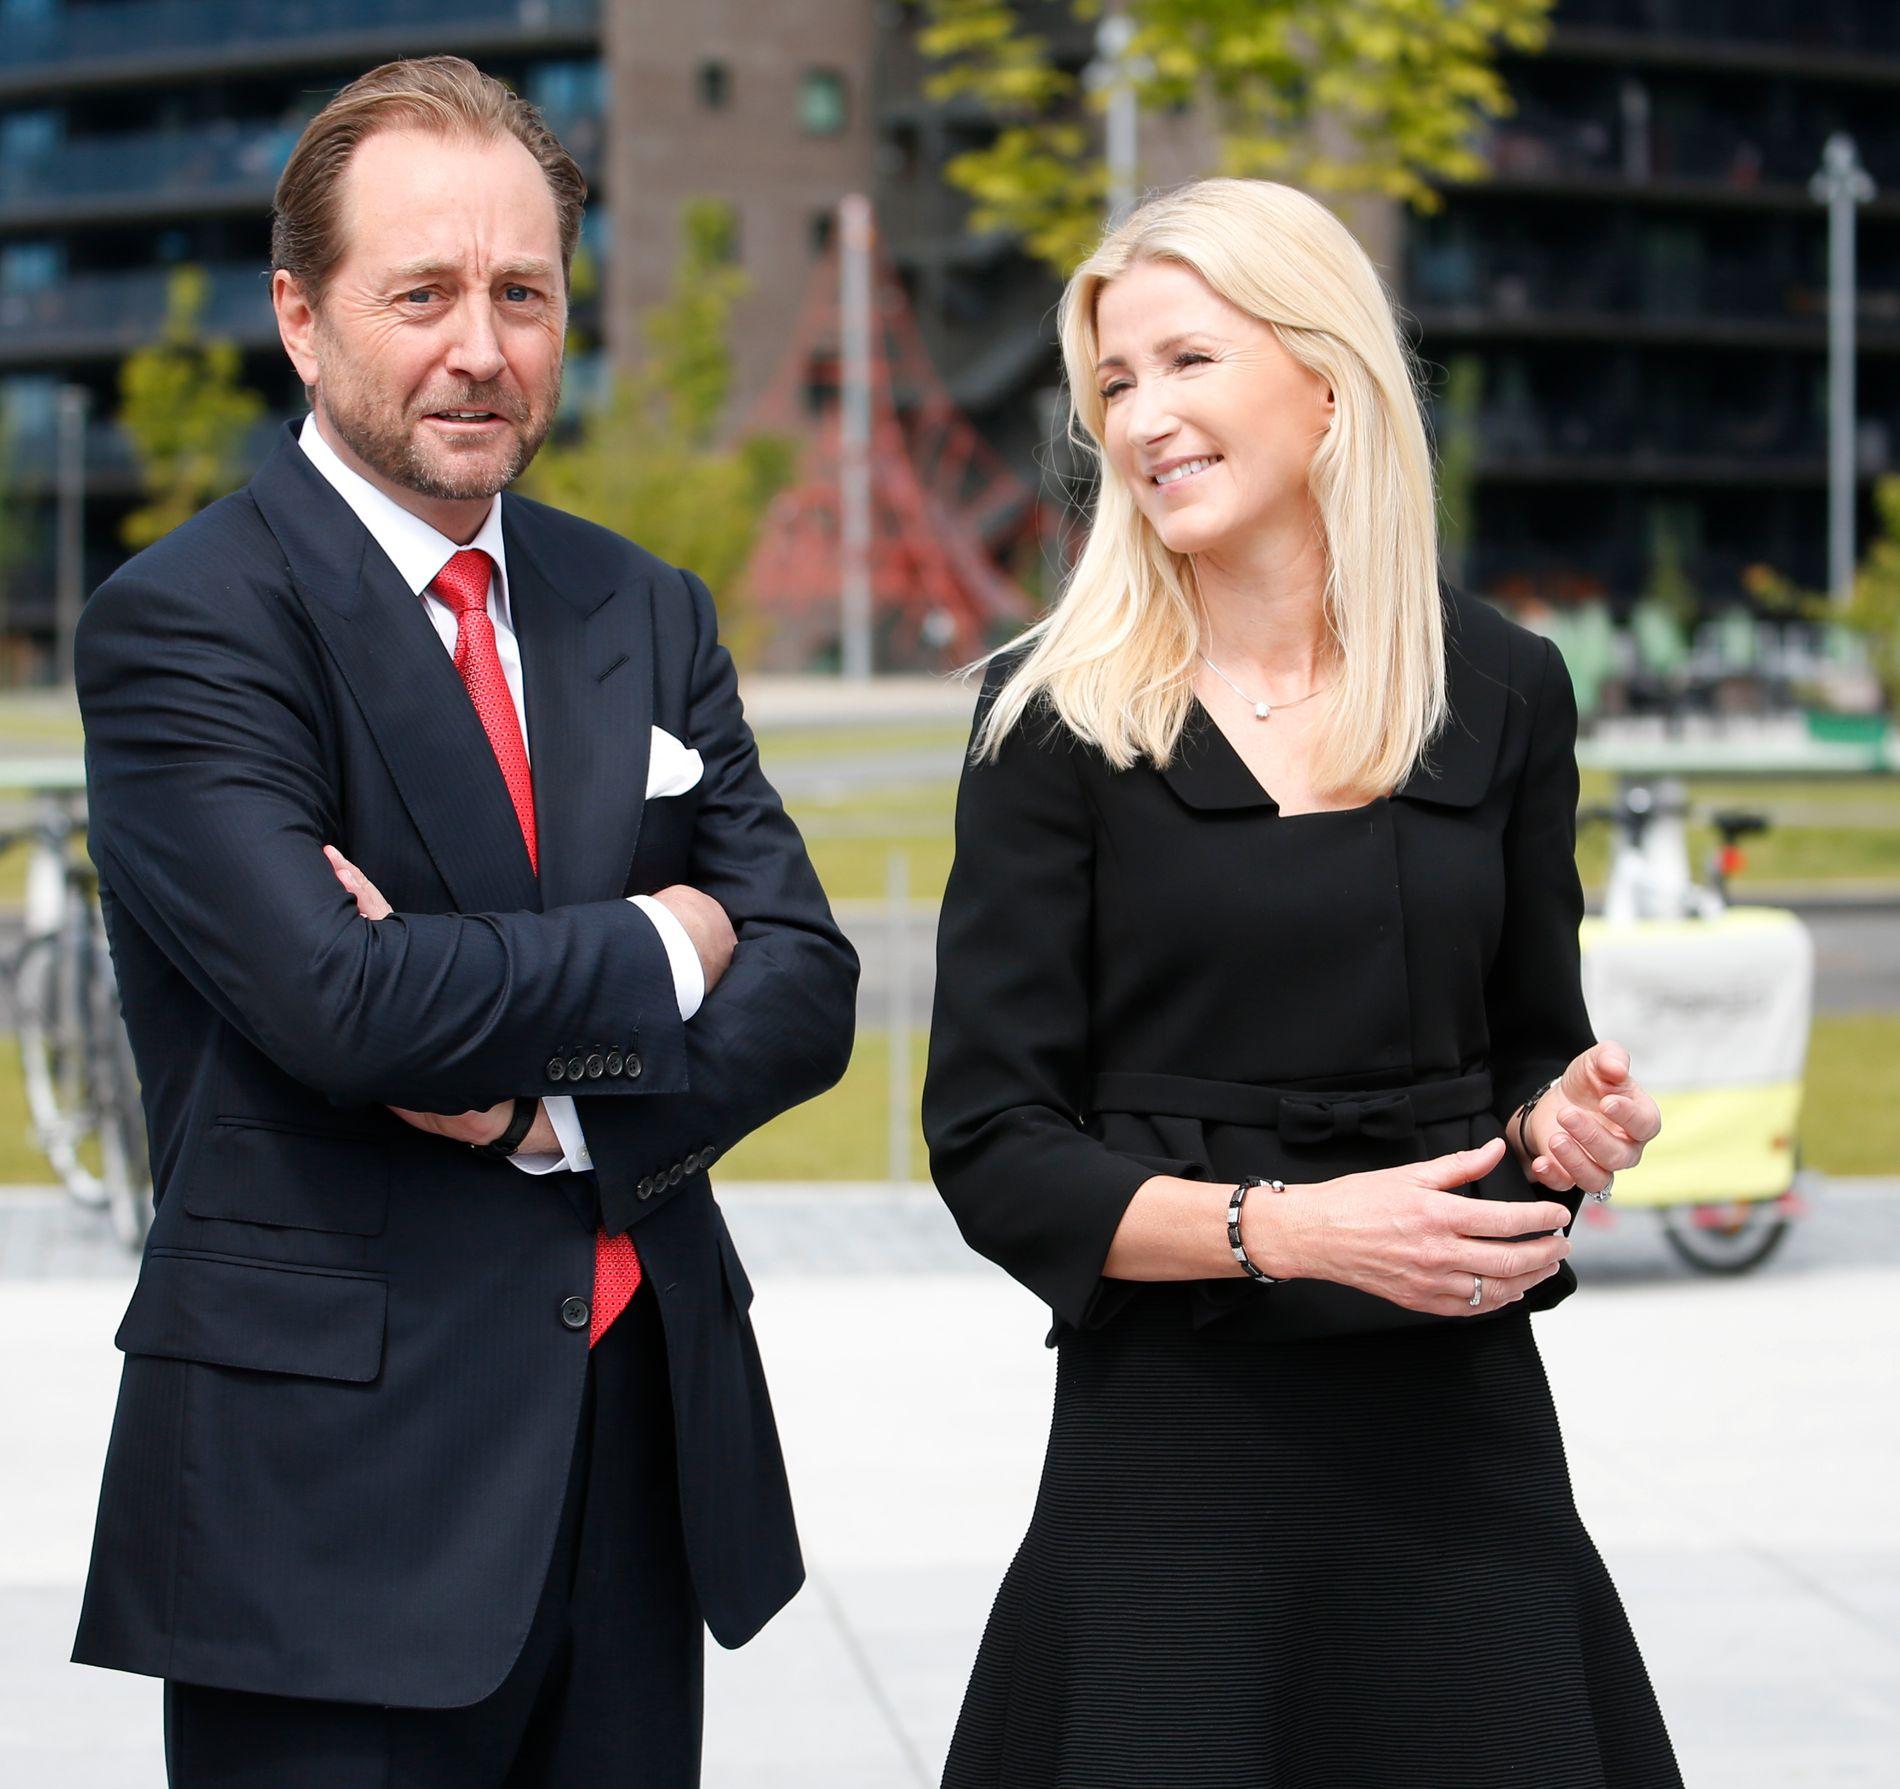 GAVMILDE: Ekteparet Kjell Inge Røkke og Anne Grete Eidsvig bor Konglungen i Asker. Nå gir milliardærene penger til sønnenes lokale fotballklubb. Her er de fotografert i fjor under åpningen av Skulpturparken i Akerkvartalet, hovedkontoret til Aker på Fornebu.